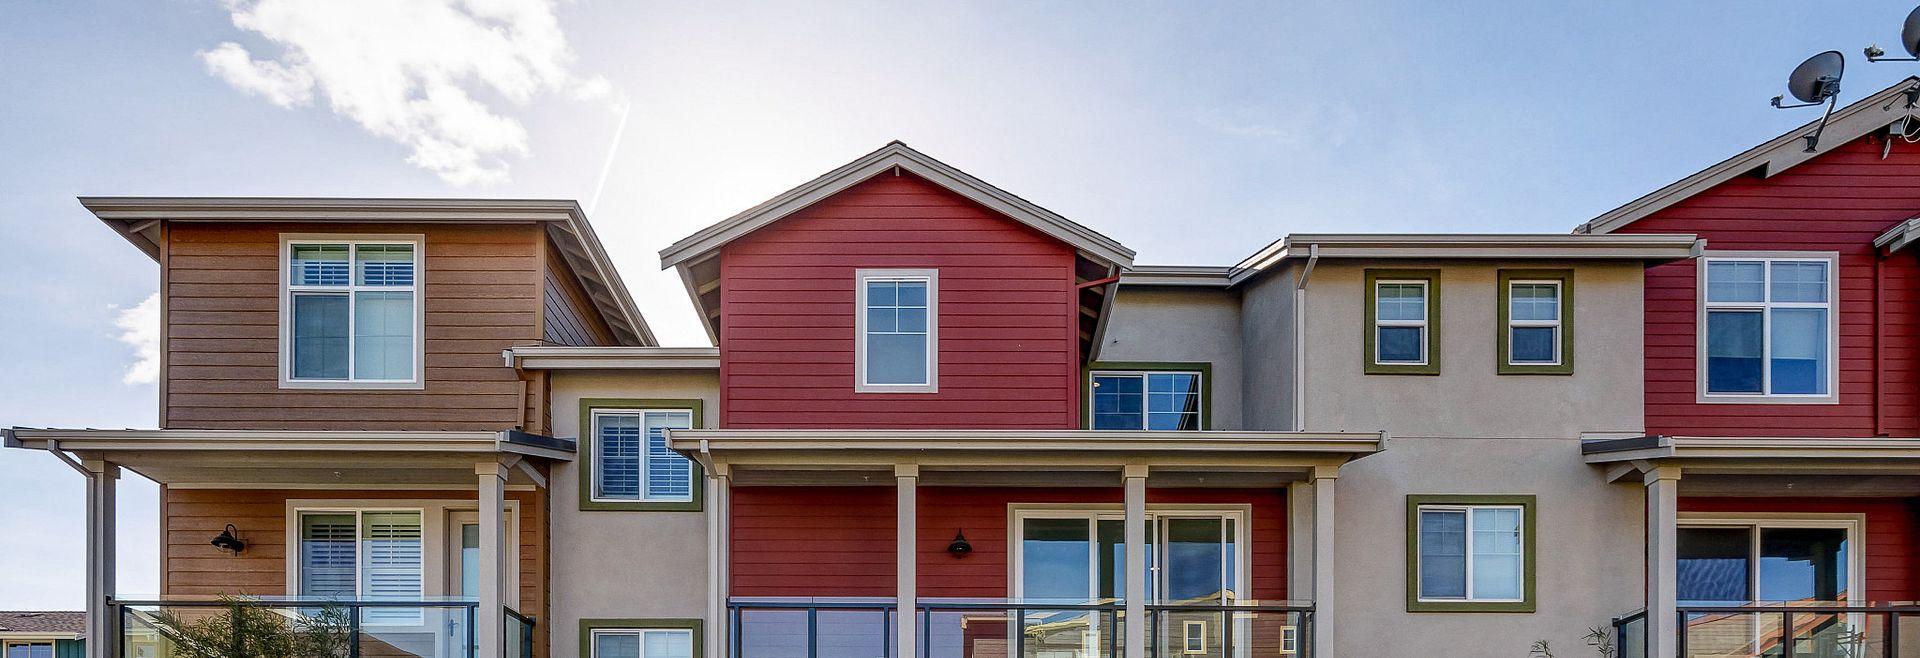 Synergy Sage Homesite 3812 Exterior